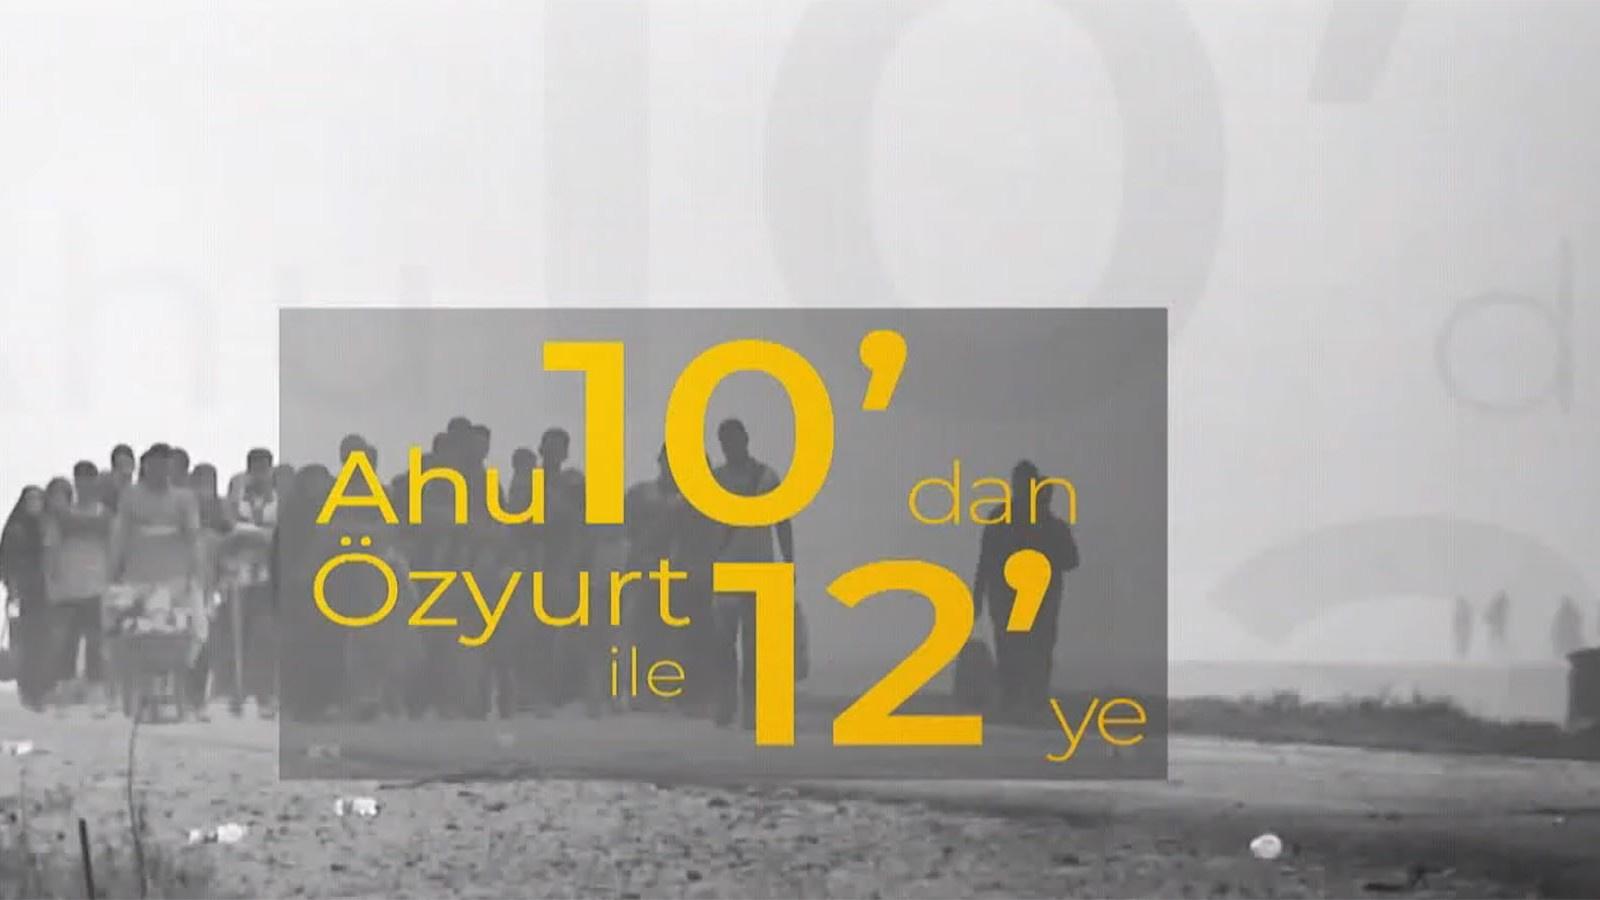 Ahu Özyurt ile 10'dan 12'ye - 7 Ekim 2020